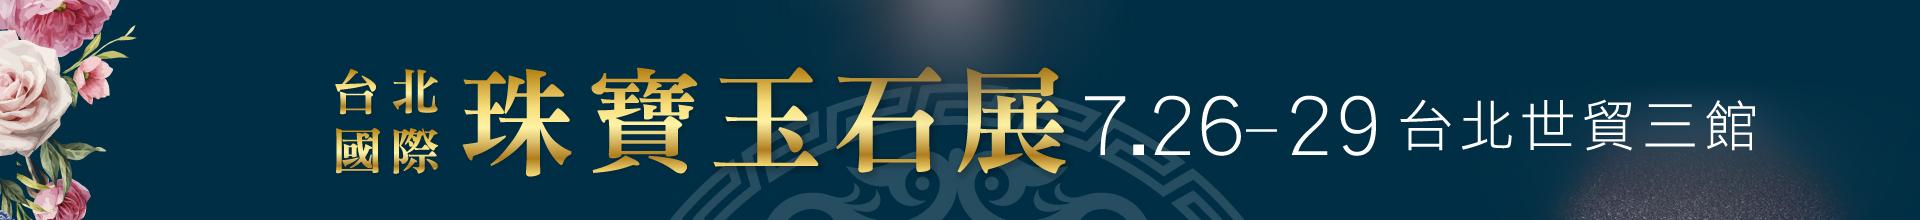 2019台北國際珠寶玉石展